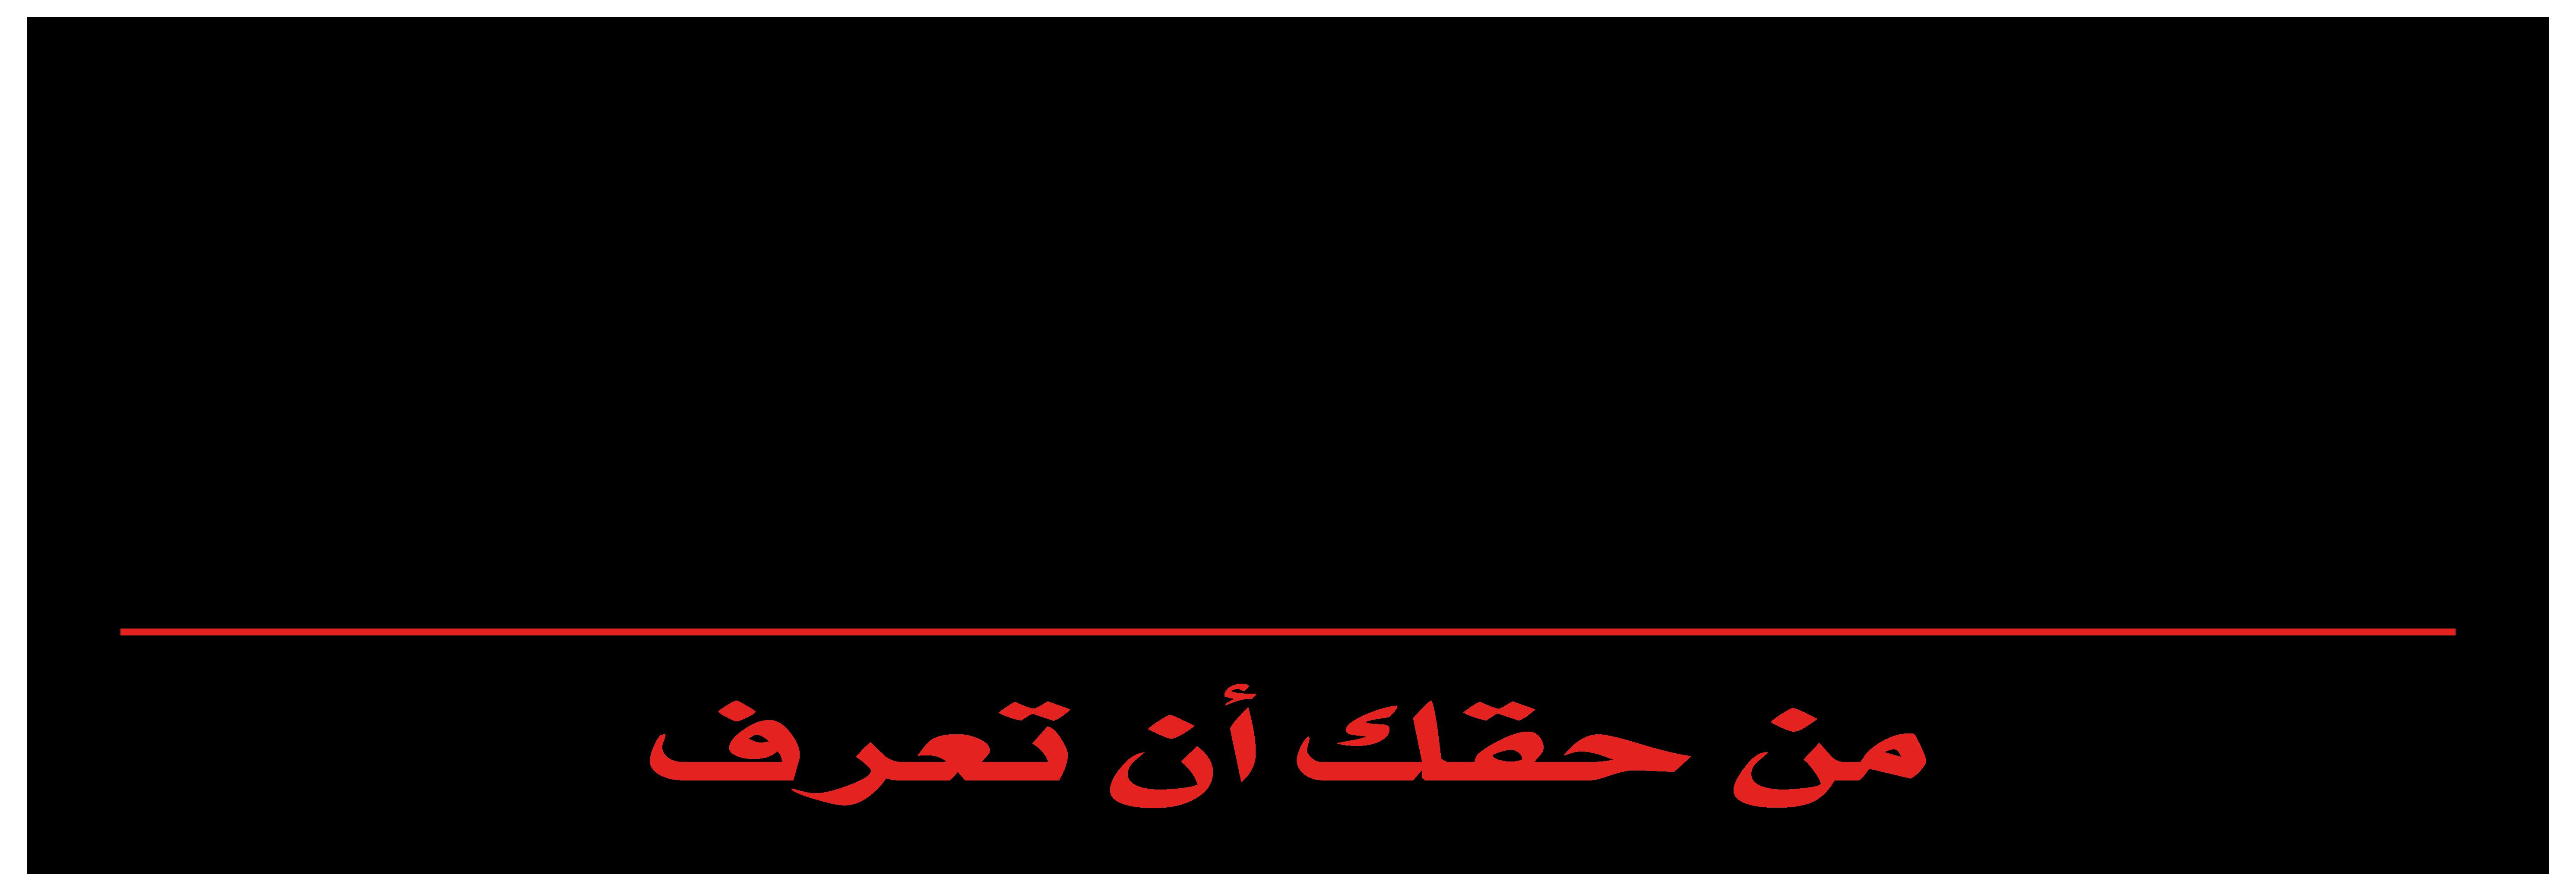 موقع سوداني بوست الإخباري